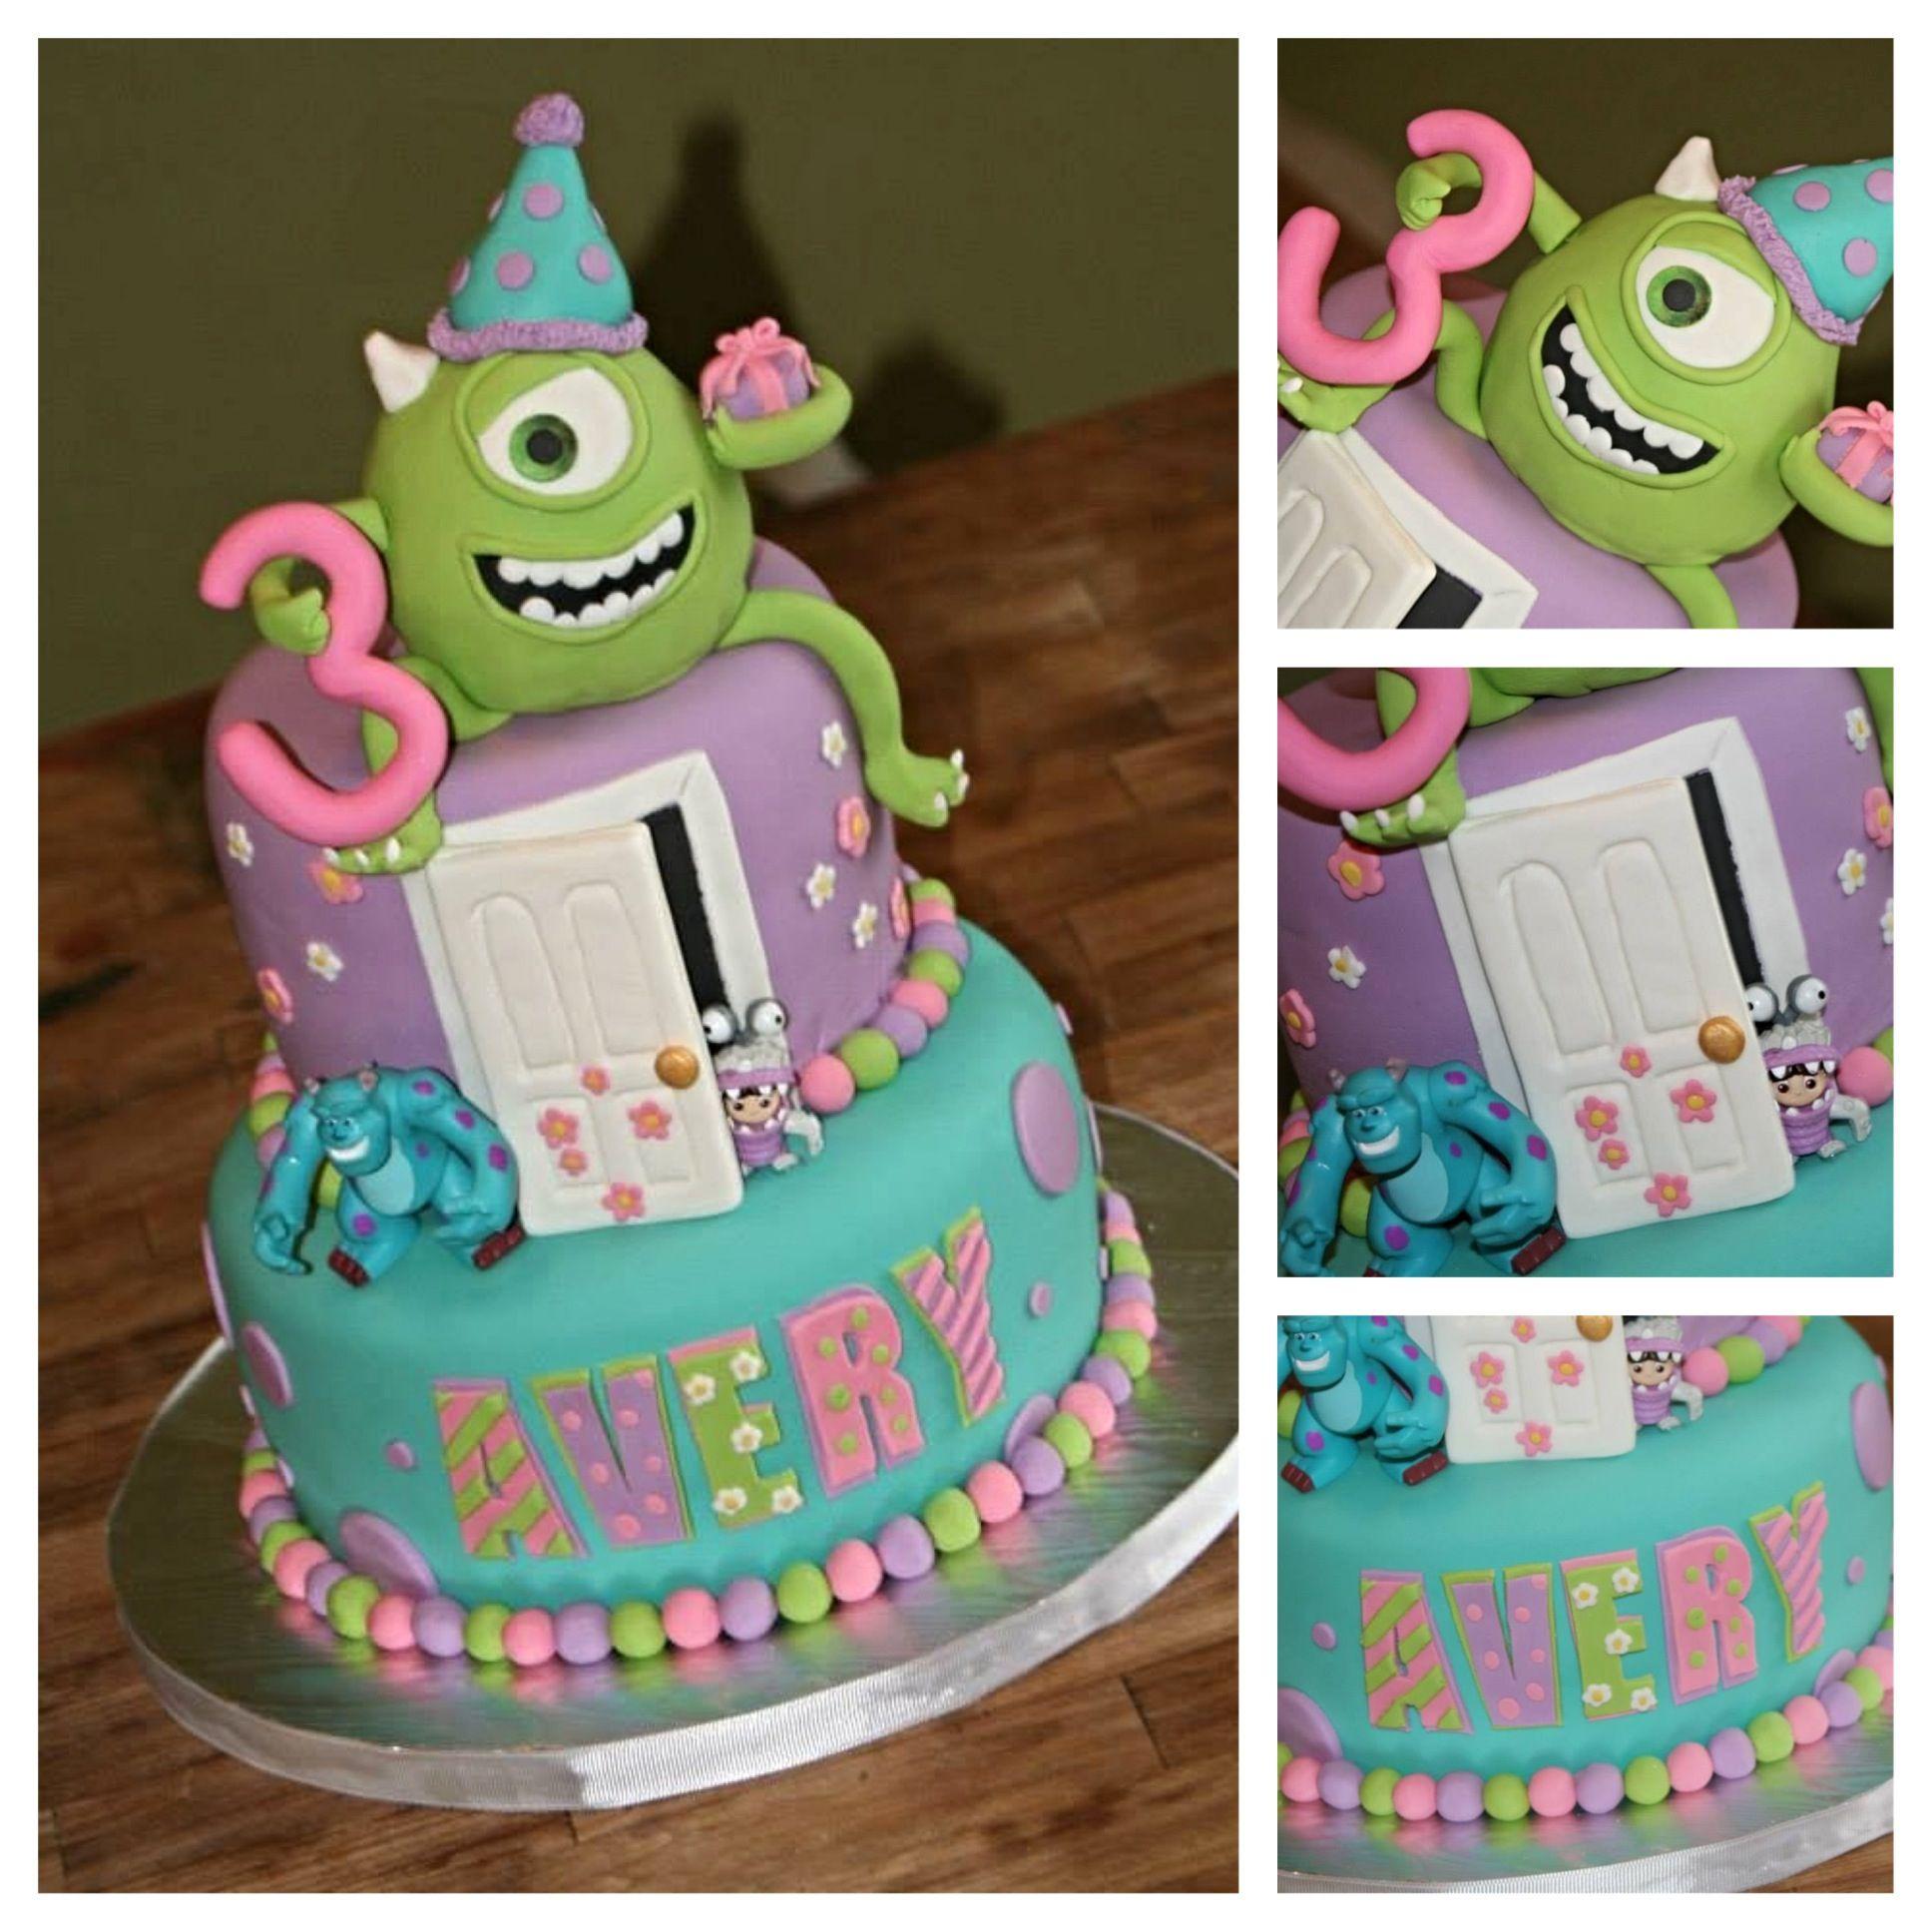 Monsters Inc Cake Batter Up Cakery Pinterest Cake Monsters